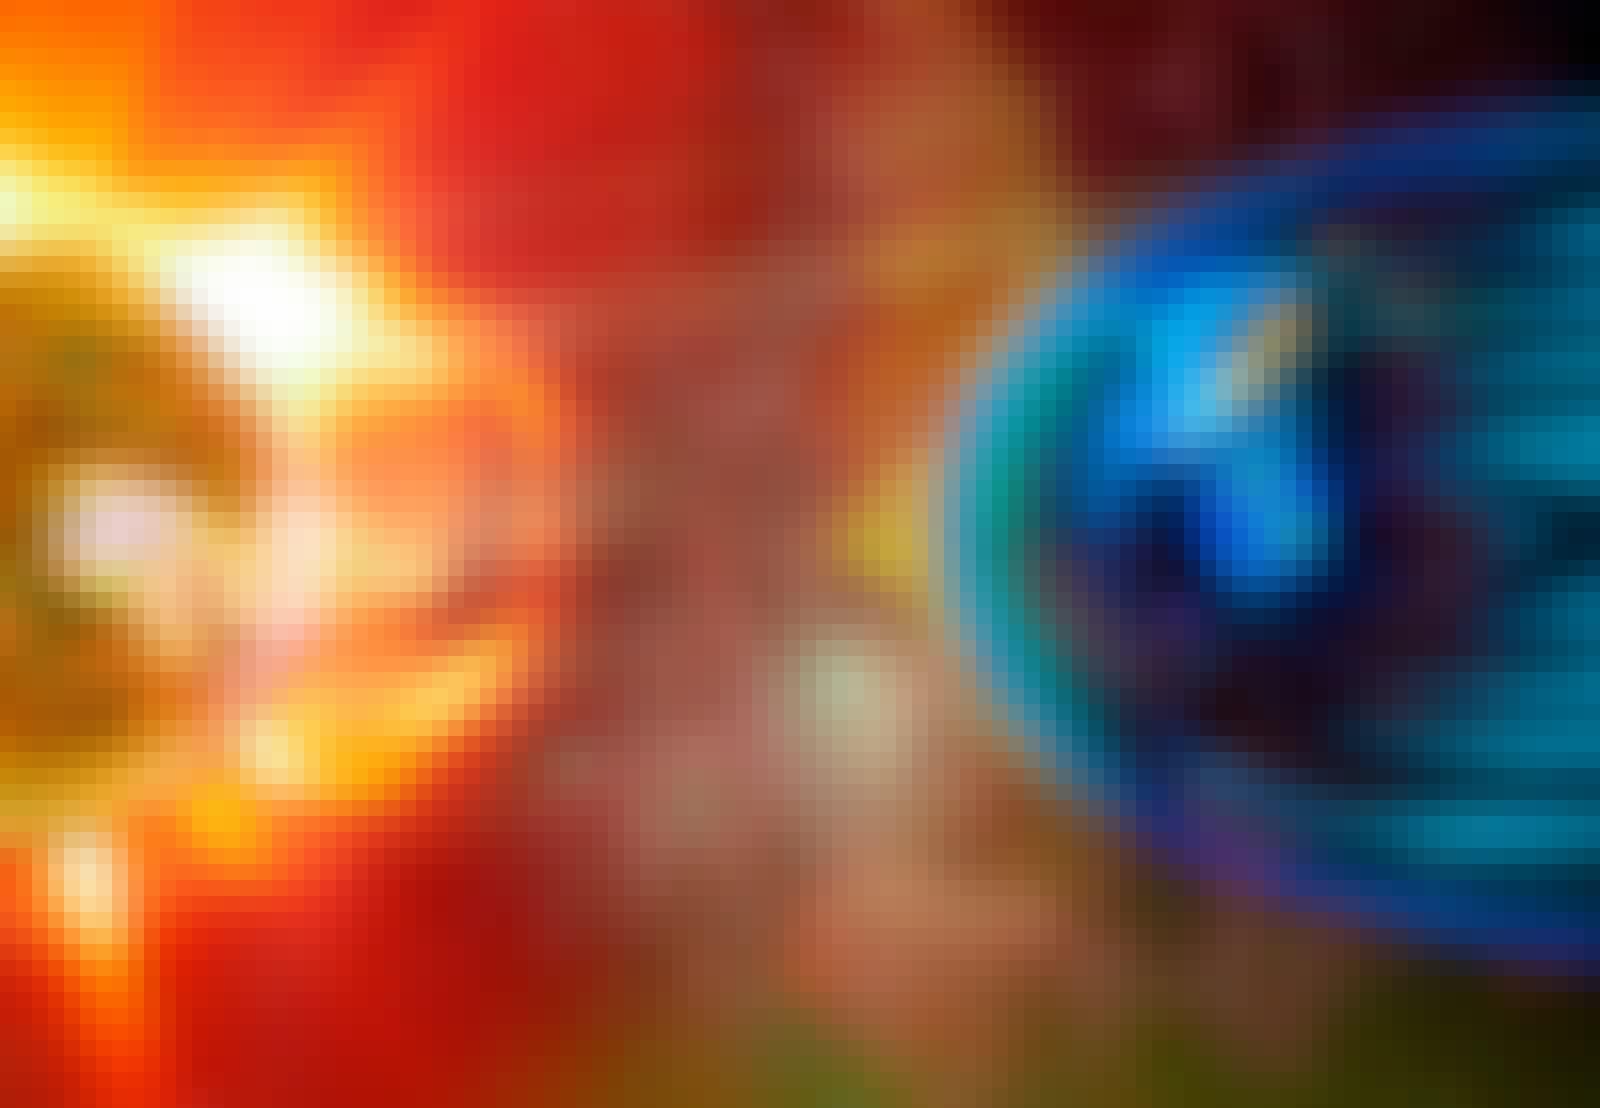 Aardmagnetisch veld buigt straling van de zon af.